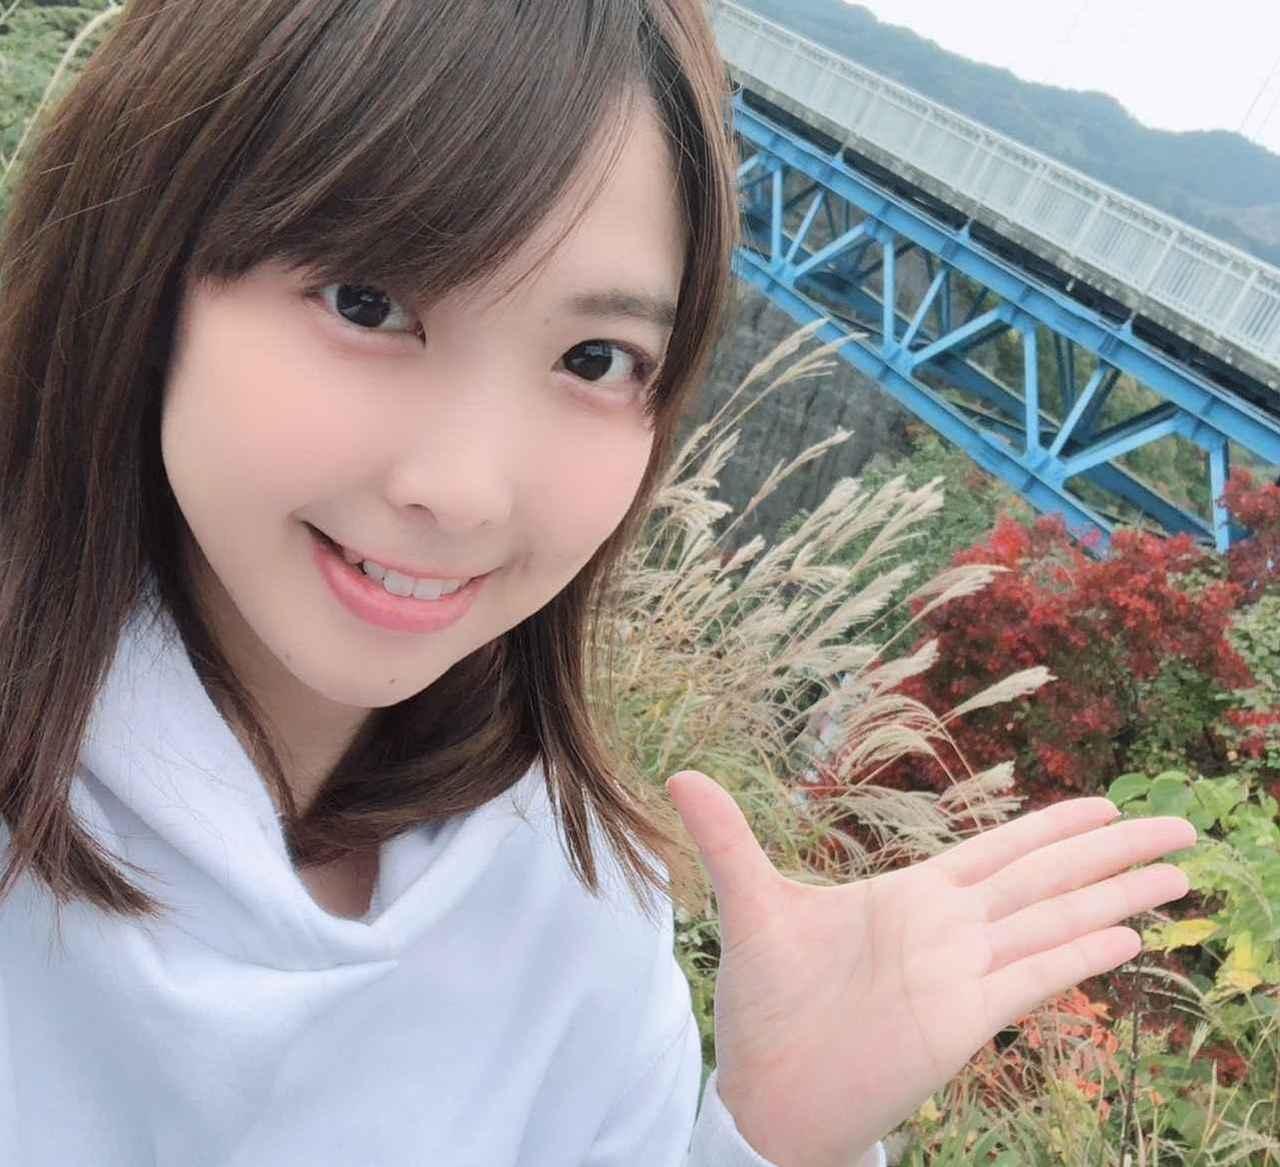 画像: 茨城県へ初ツーリング! 龍神大吊橋へ行ってきました/声優・西田望見の「休日おすそわけ」 - A Little Honda